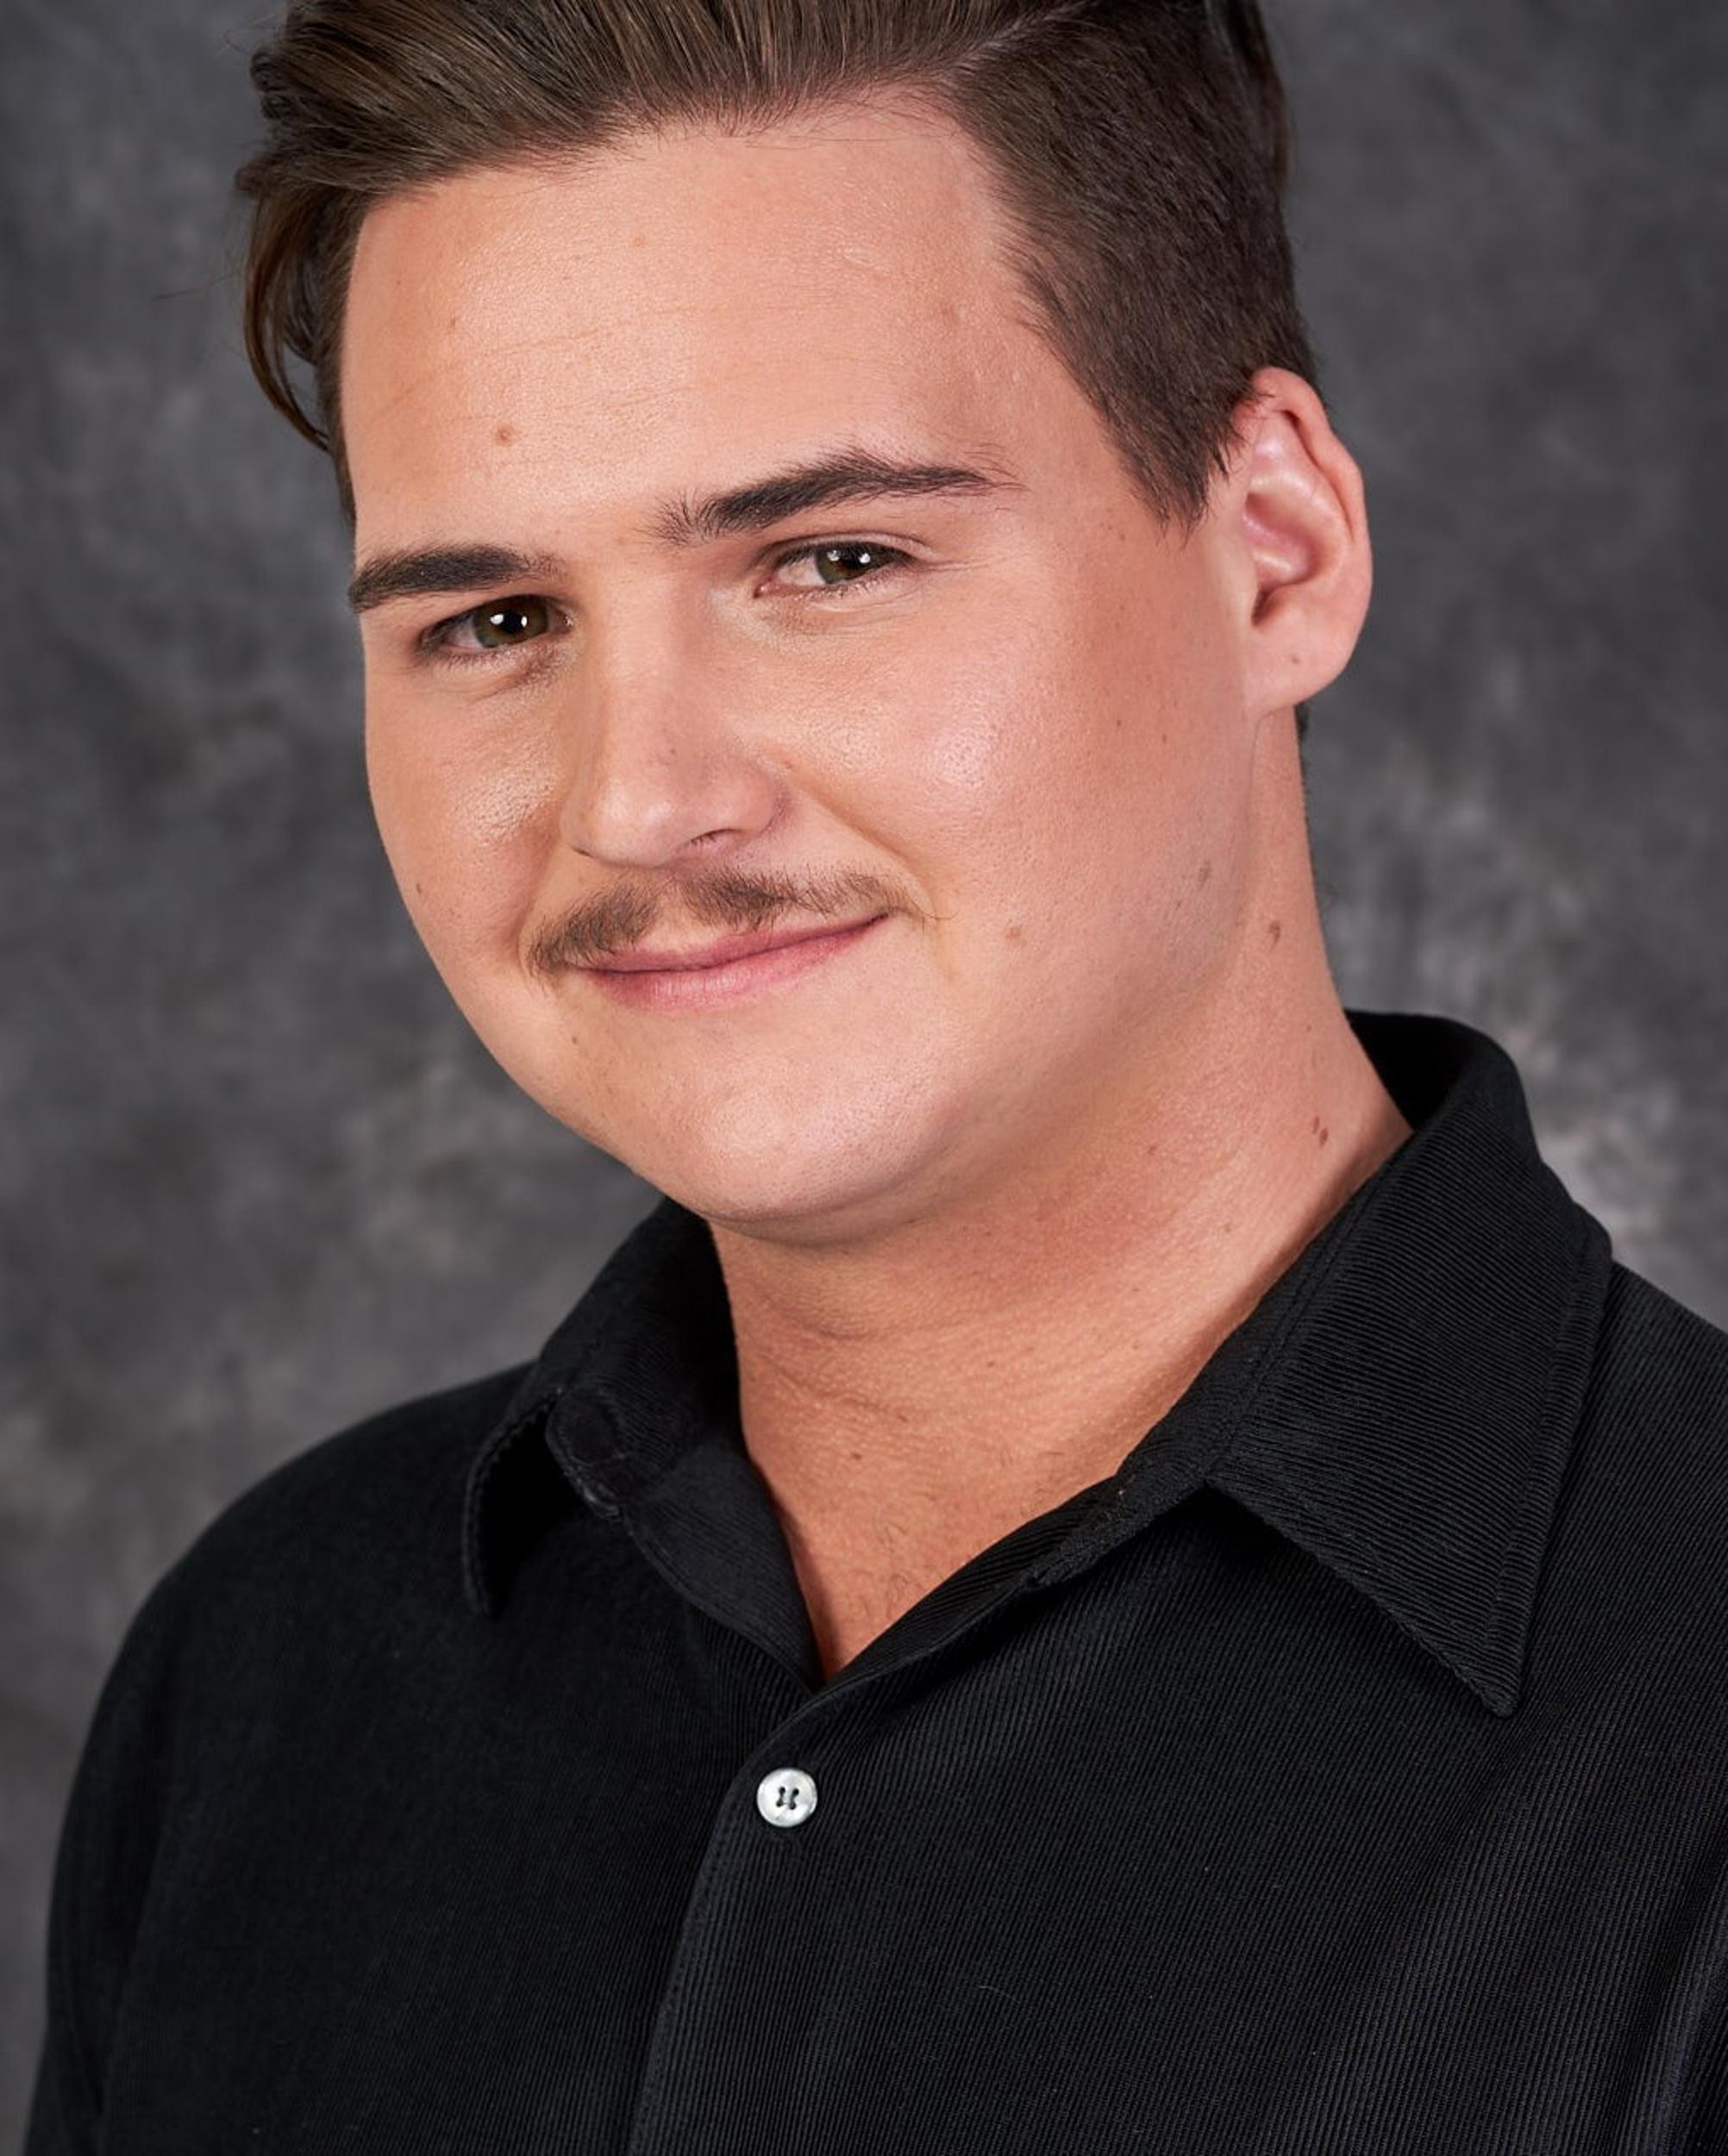 Tyson Brannigan